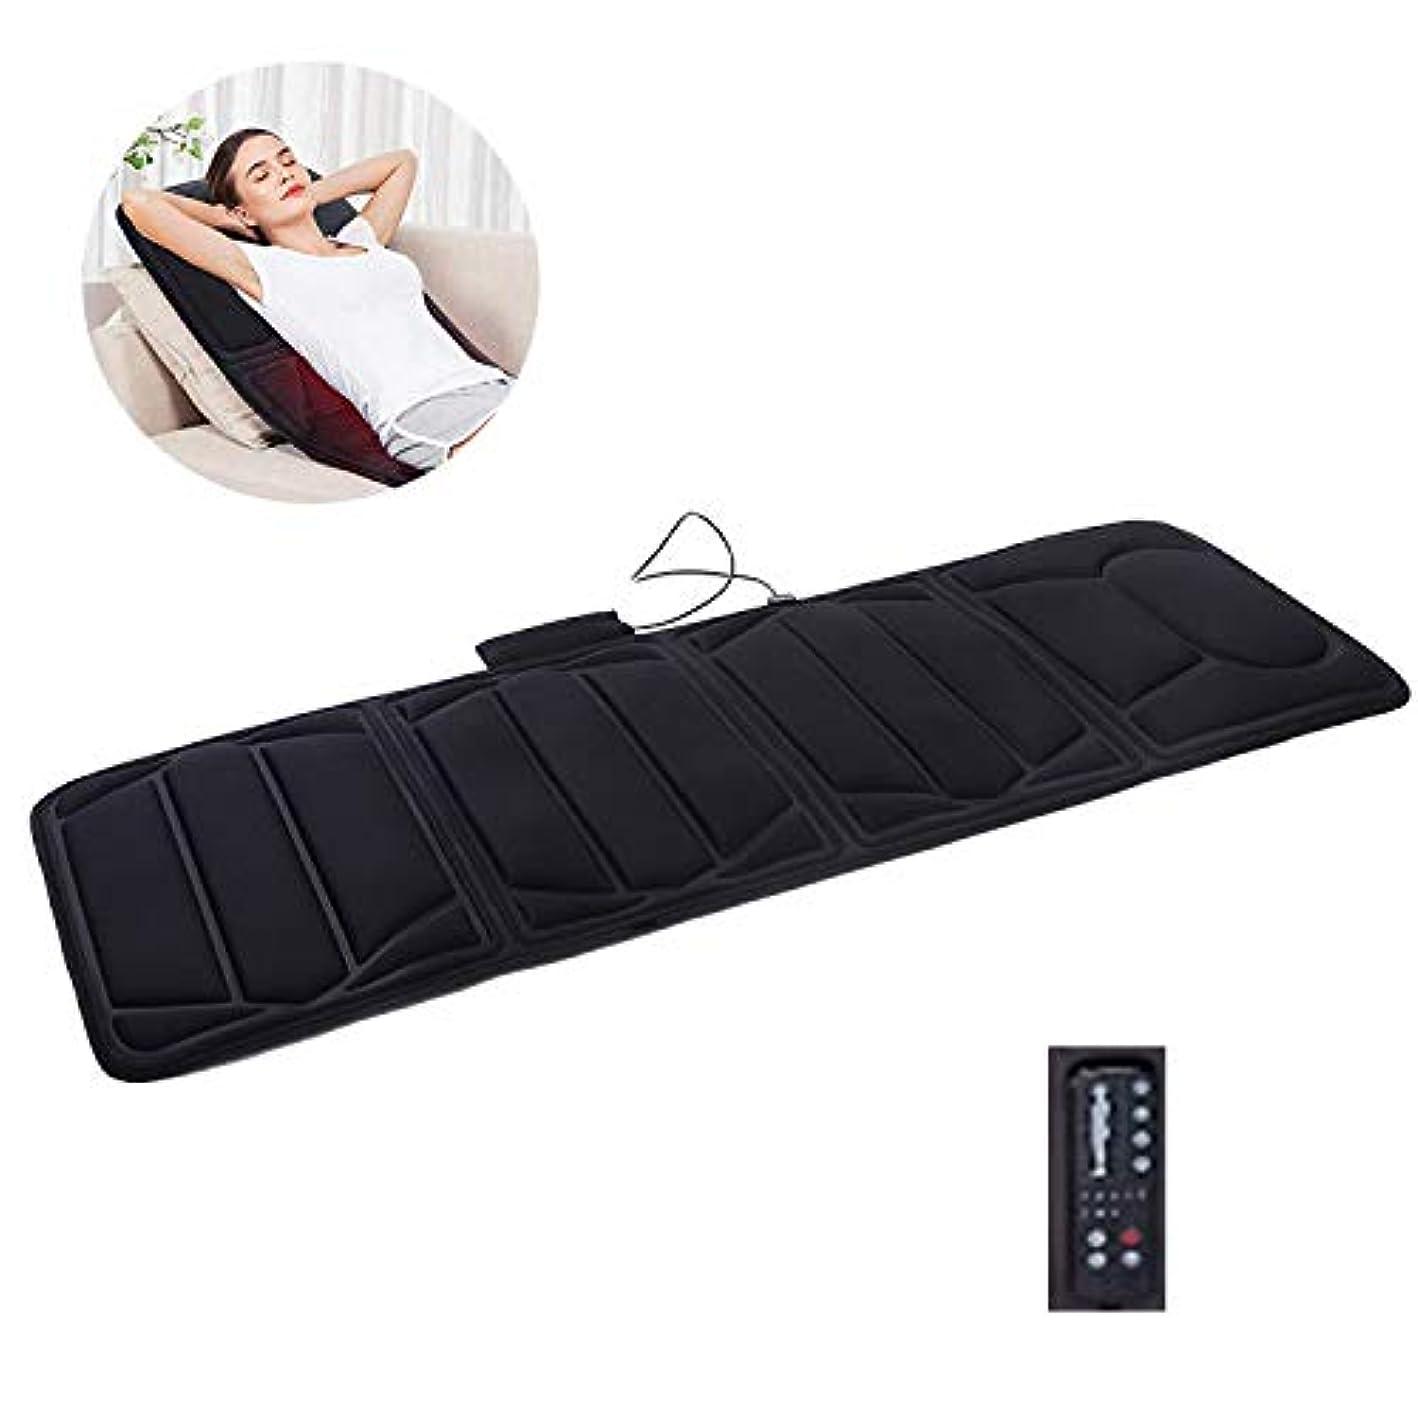 屋内賠償こねる電動マッサージチェアシートクッションパッド背中の痛みを軽減するフルボディマッサージのための2つの暖房パッドが付いている10のモーター振動のマッサージのマットレスパッド